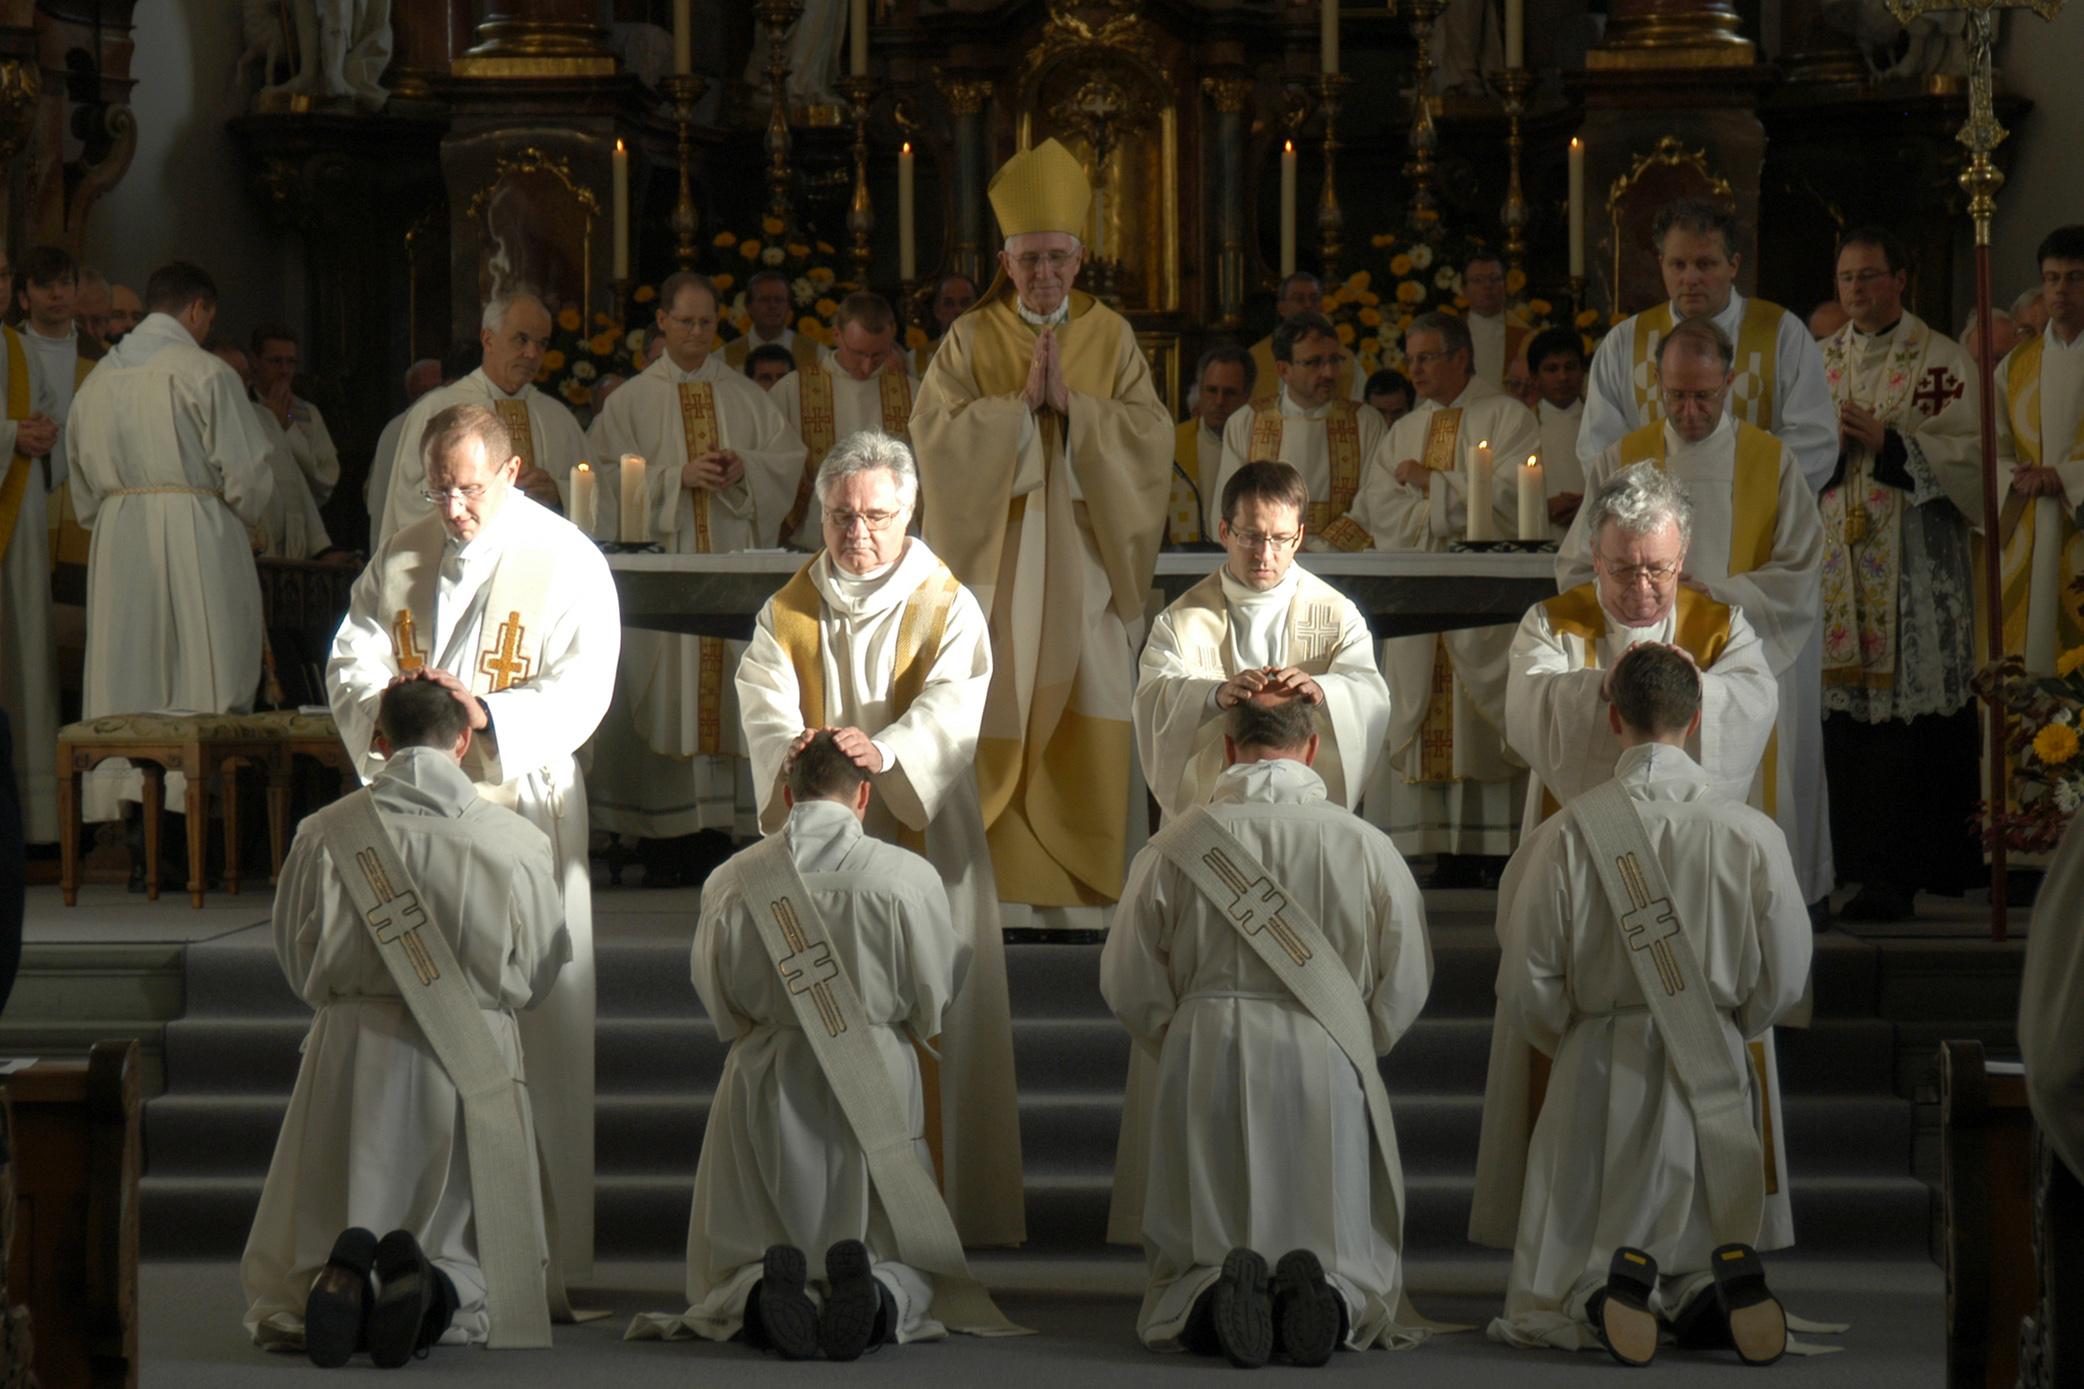 mass wikipedia catholic